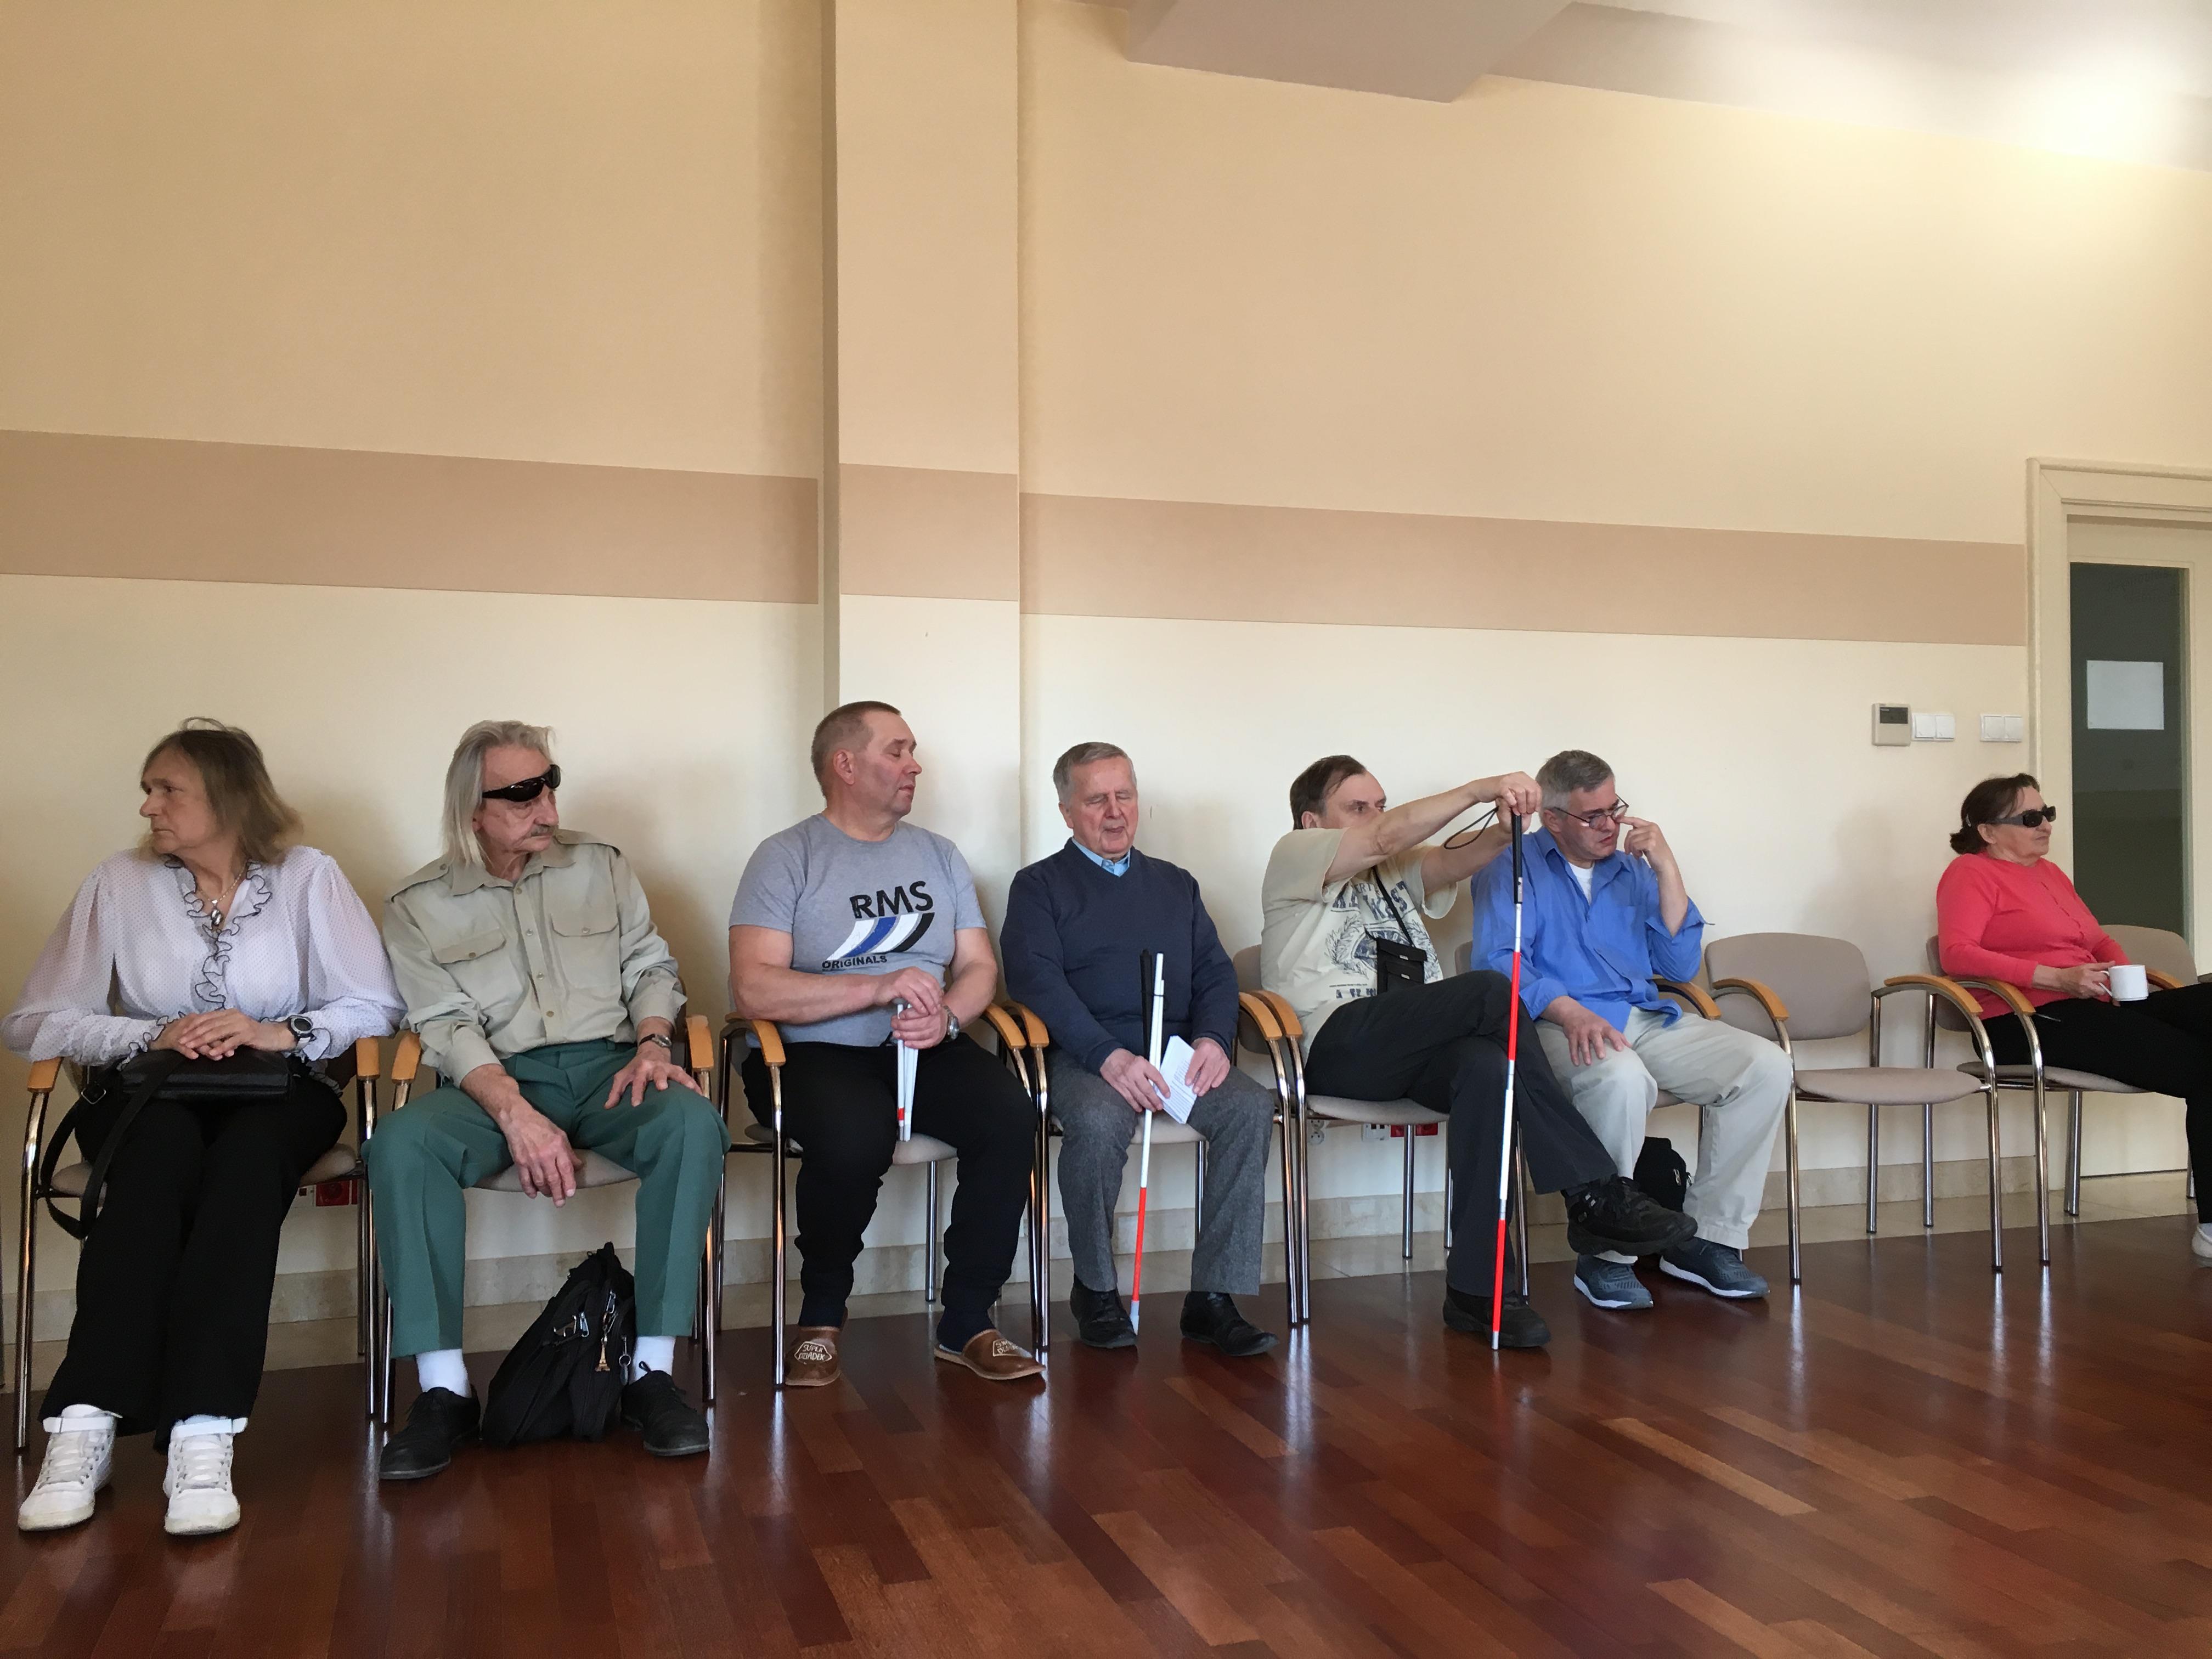 Uczestnicy siedzący na krzesłach ustawionych wzdłuż ściany. Jeden z nich trzyma ręce wysoko oparte na lasce.